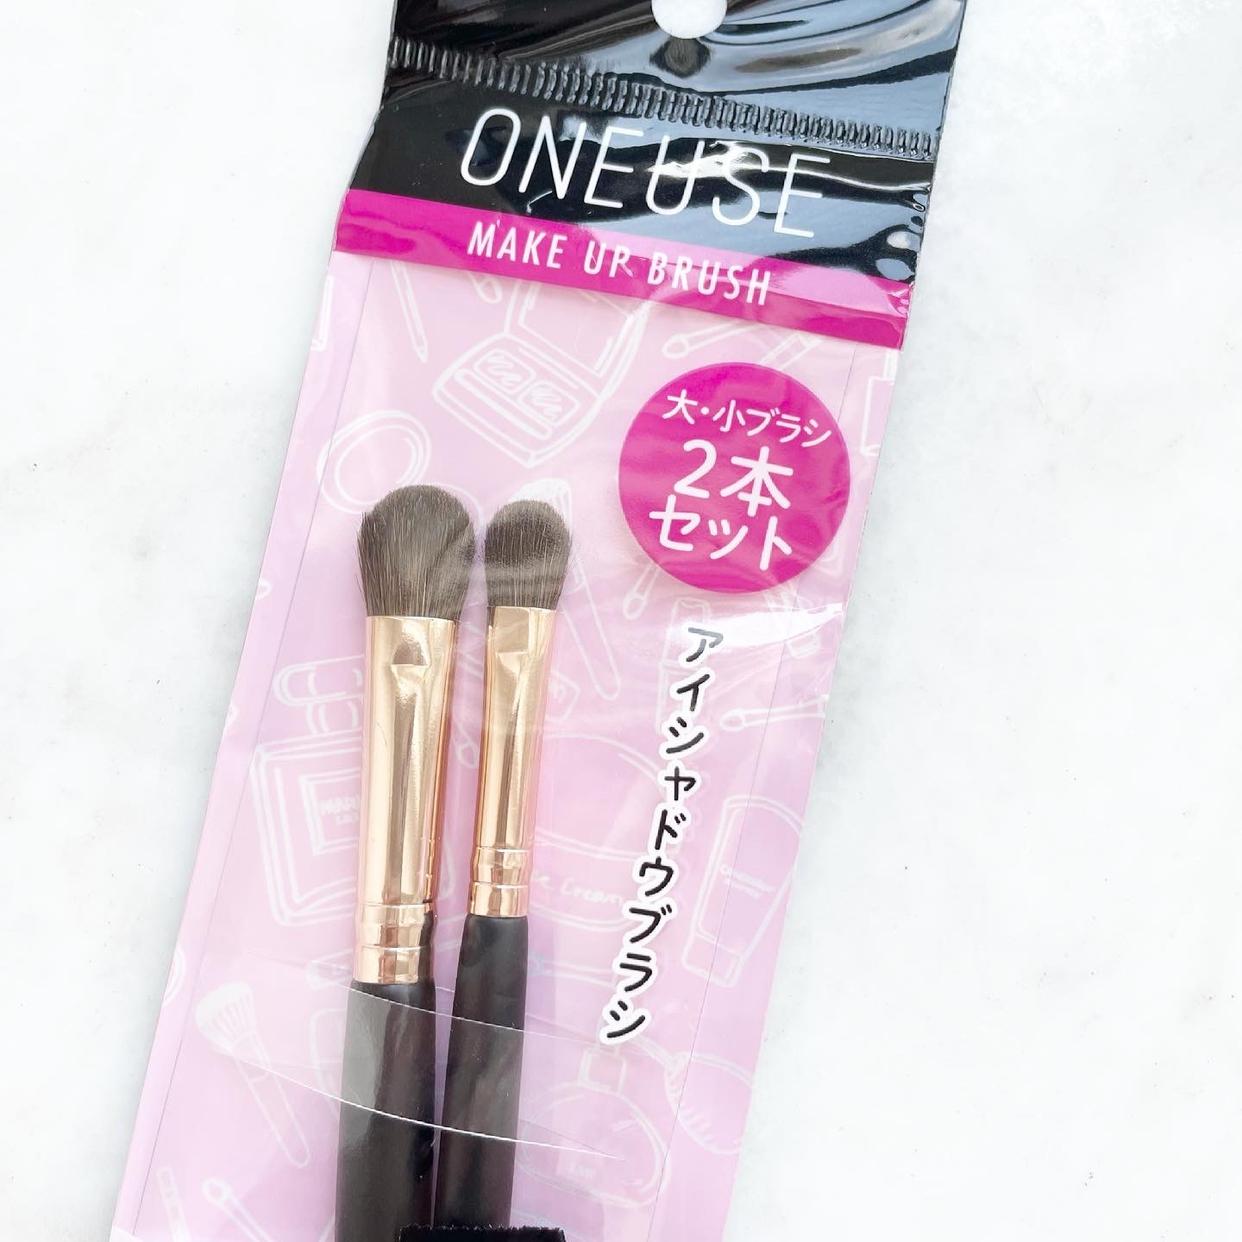 ONEUSE(ワンユース)ブラシセットを使った若杉晴香さんのクチコミ画像2